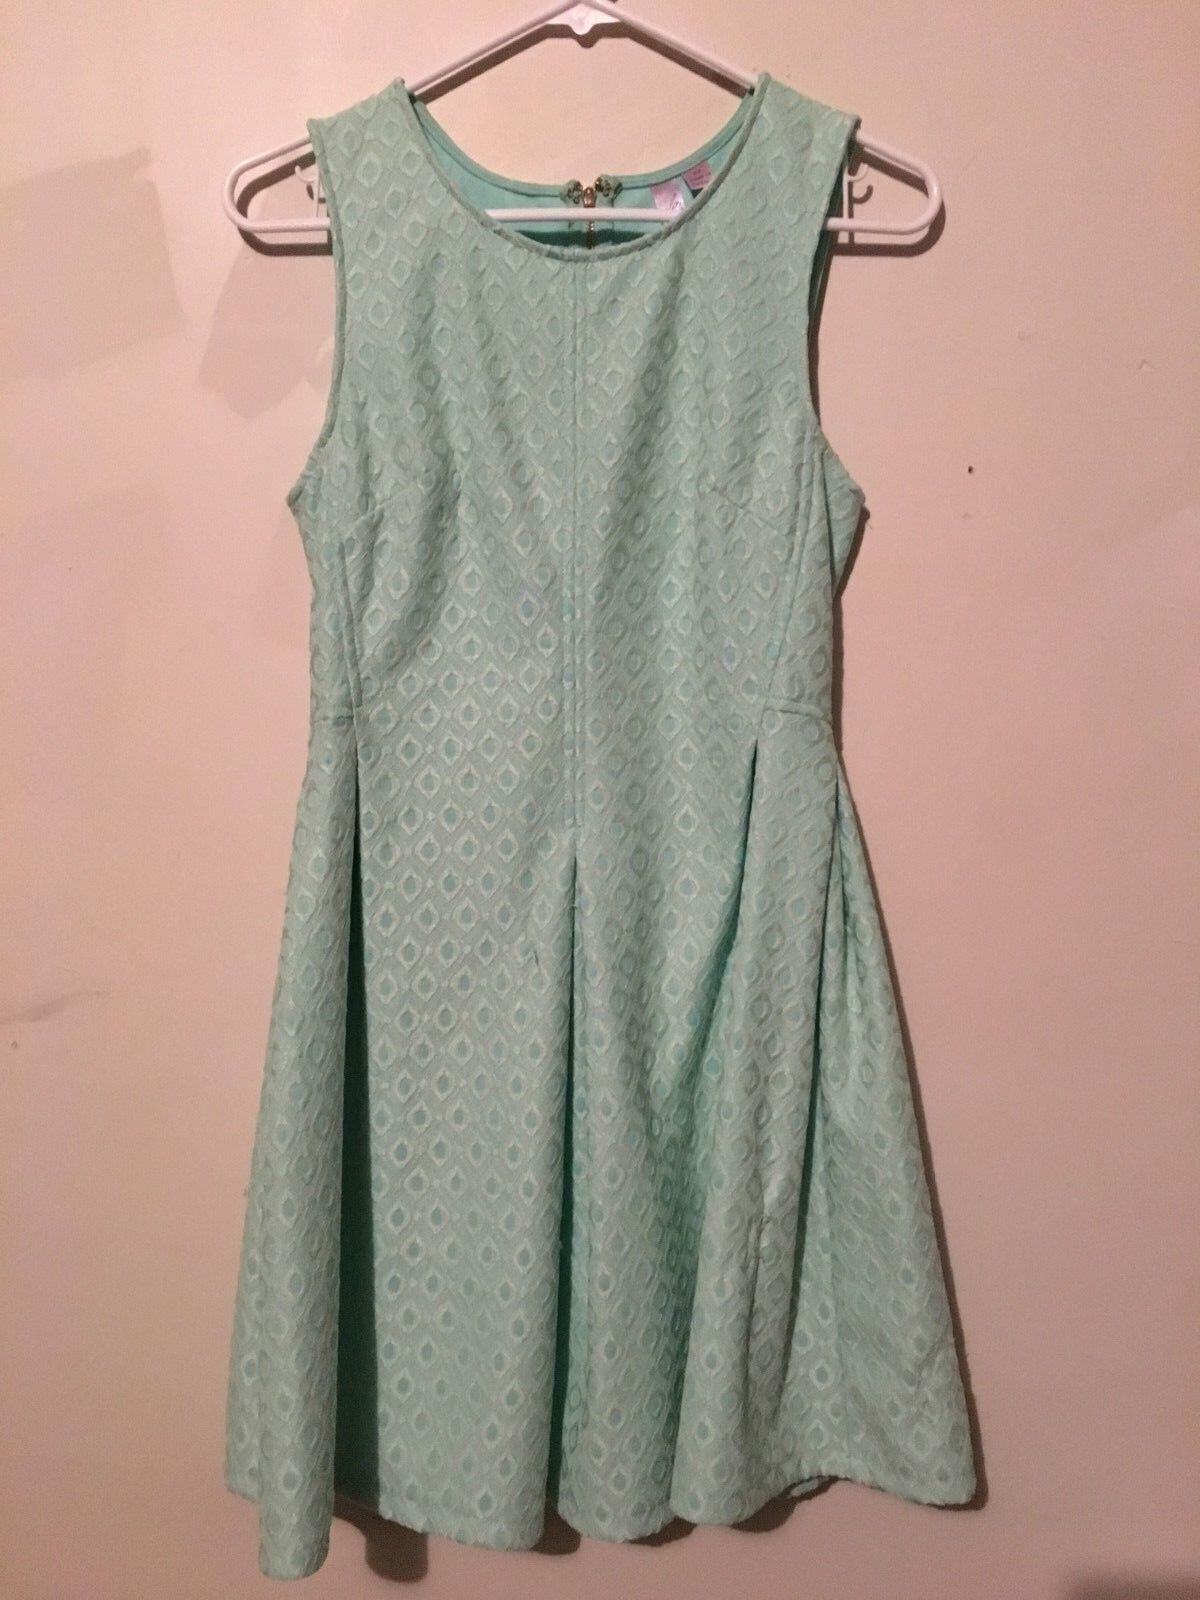 546ff288a59 Alya Green Lace Flare Stylish Dress Size M Sleeveless Stylish Formal Mint  Women ohchmh4330-Dresses